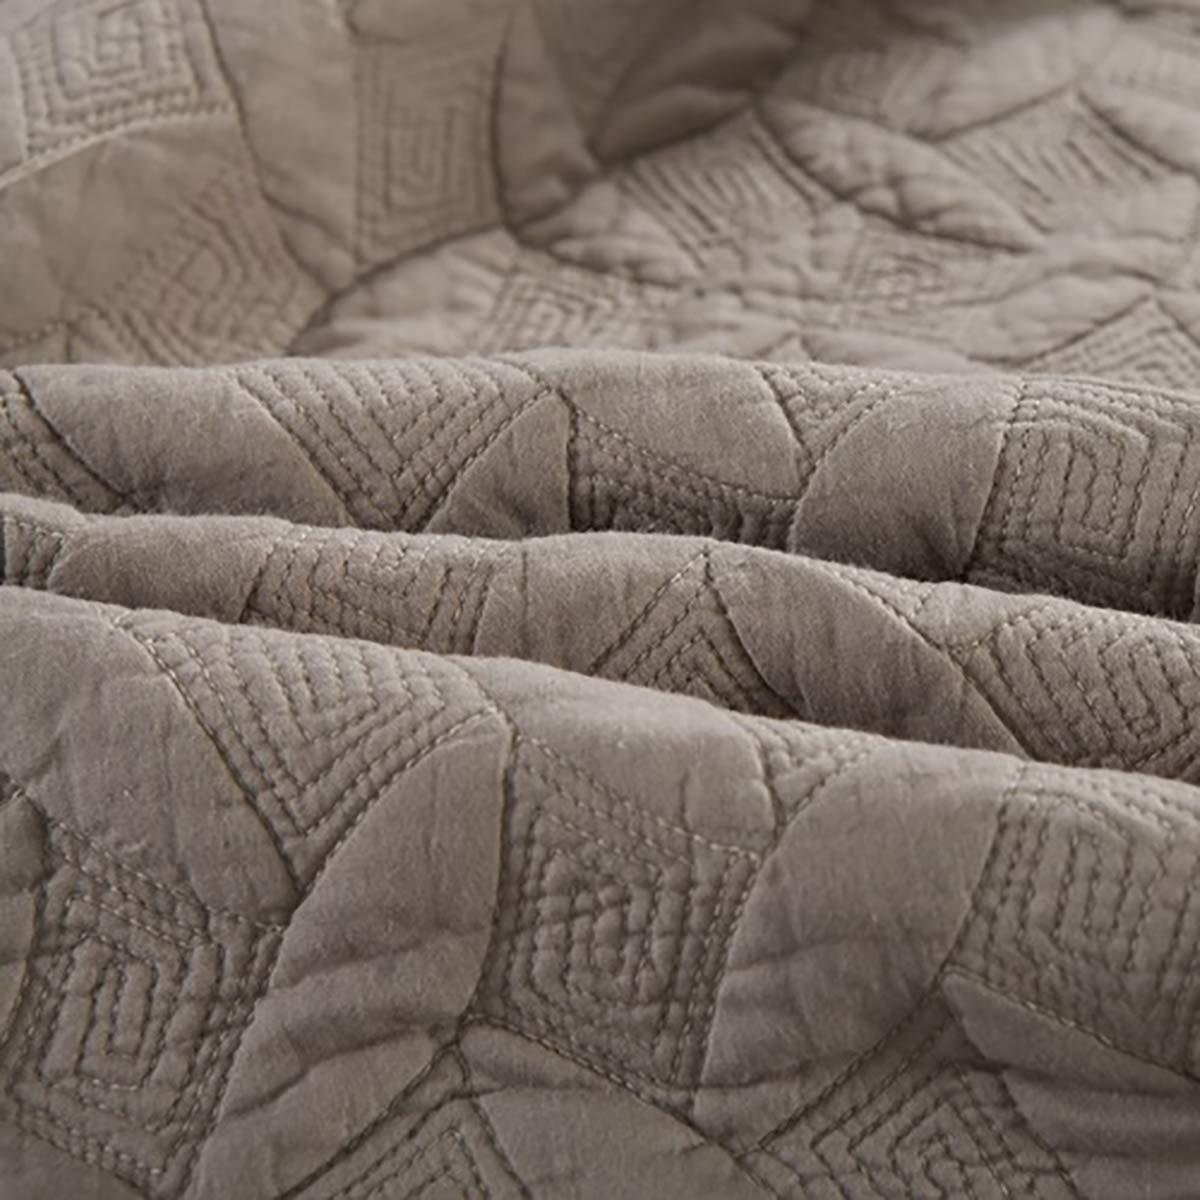 250cm WDXN Dessus De Lit Couvre Lit Couverture Matelass/é en Coton 100/% Couvre-Lits Brod/éS De Couleur Unie pour Toutes Les Saisons avec 2 Taies doreiller,White,230